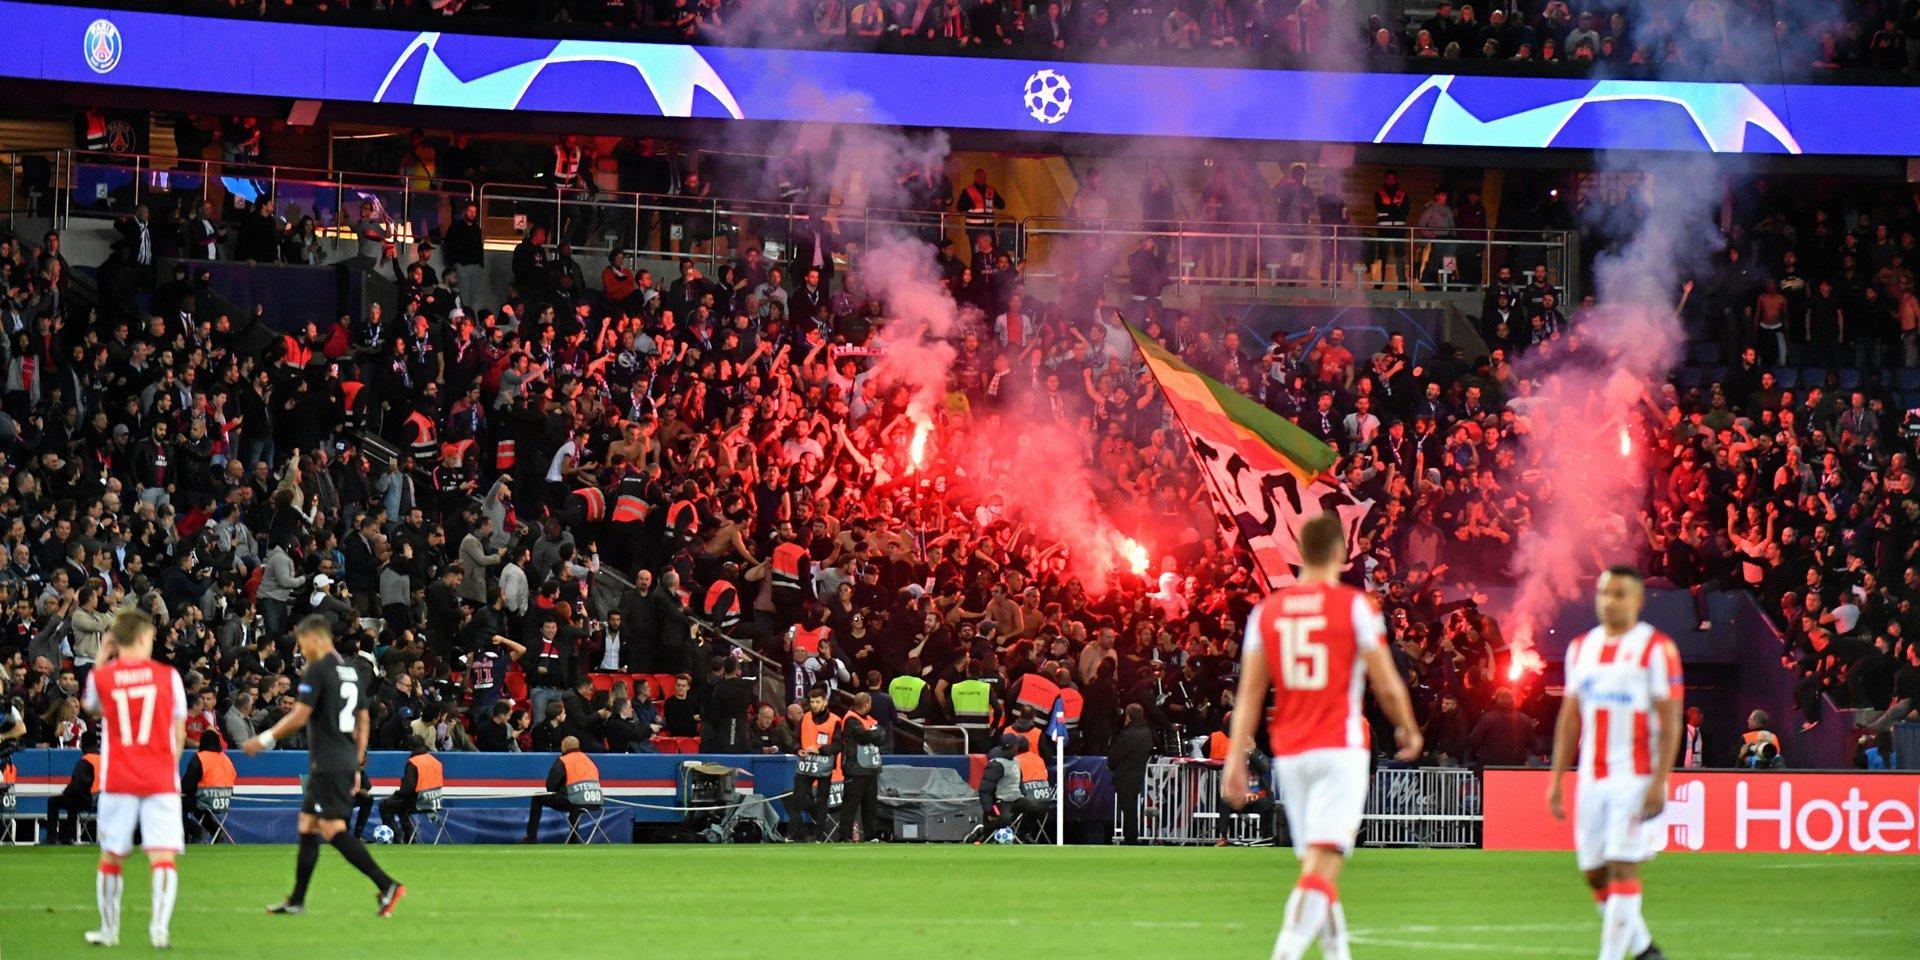 Le PSG réfléchit à la suspension de certains abonnements d'Ultras